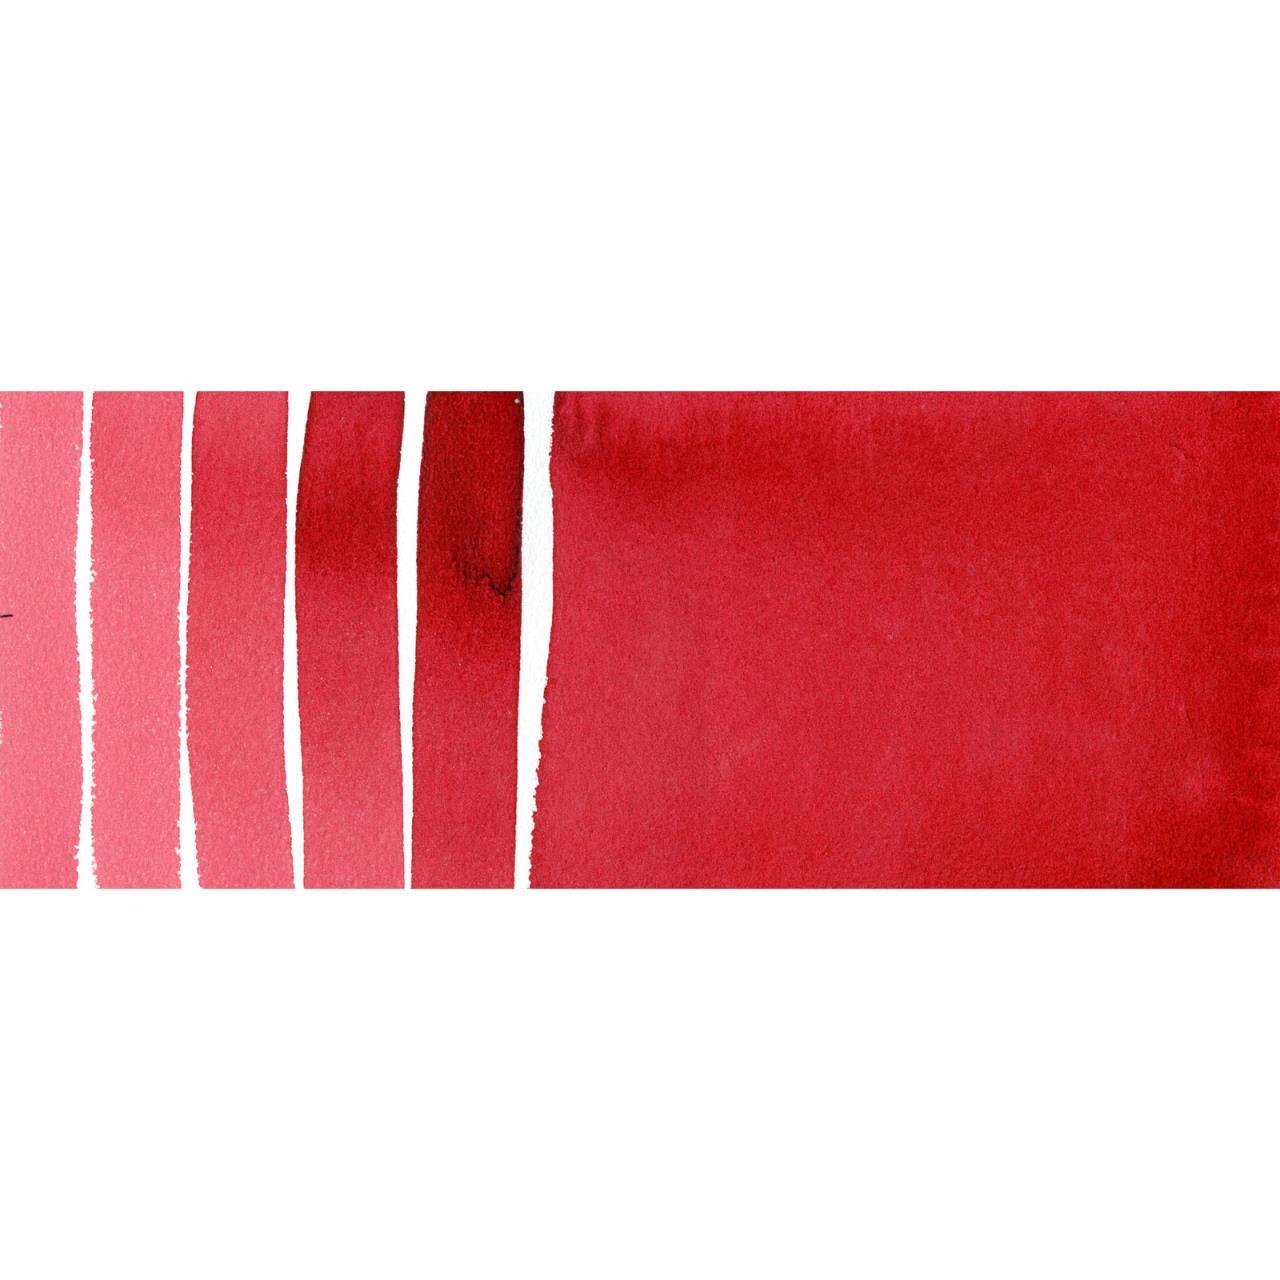 Alizarin Crimson, DANIEL SMITH Extra Fine Watercolors 5ml Tubes -